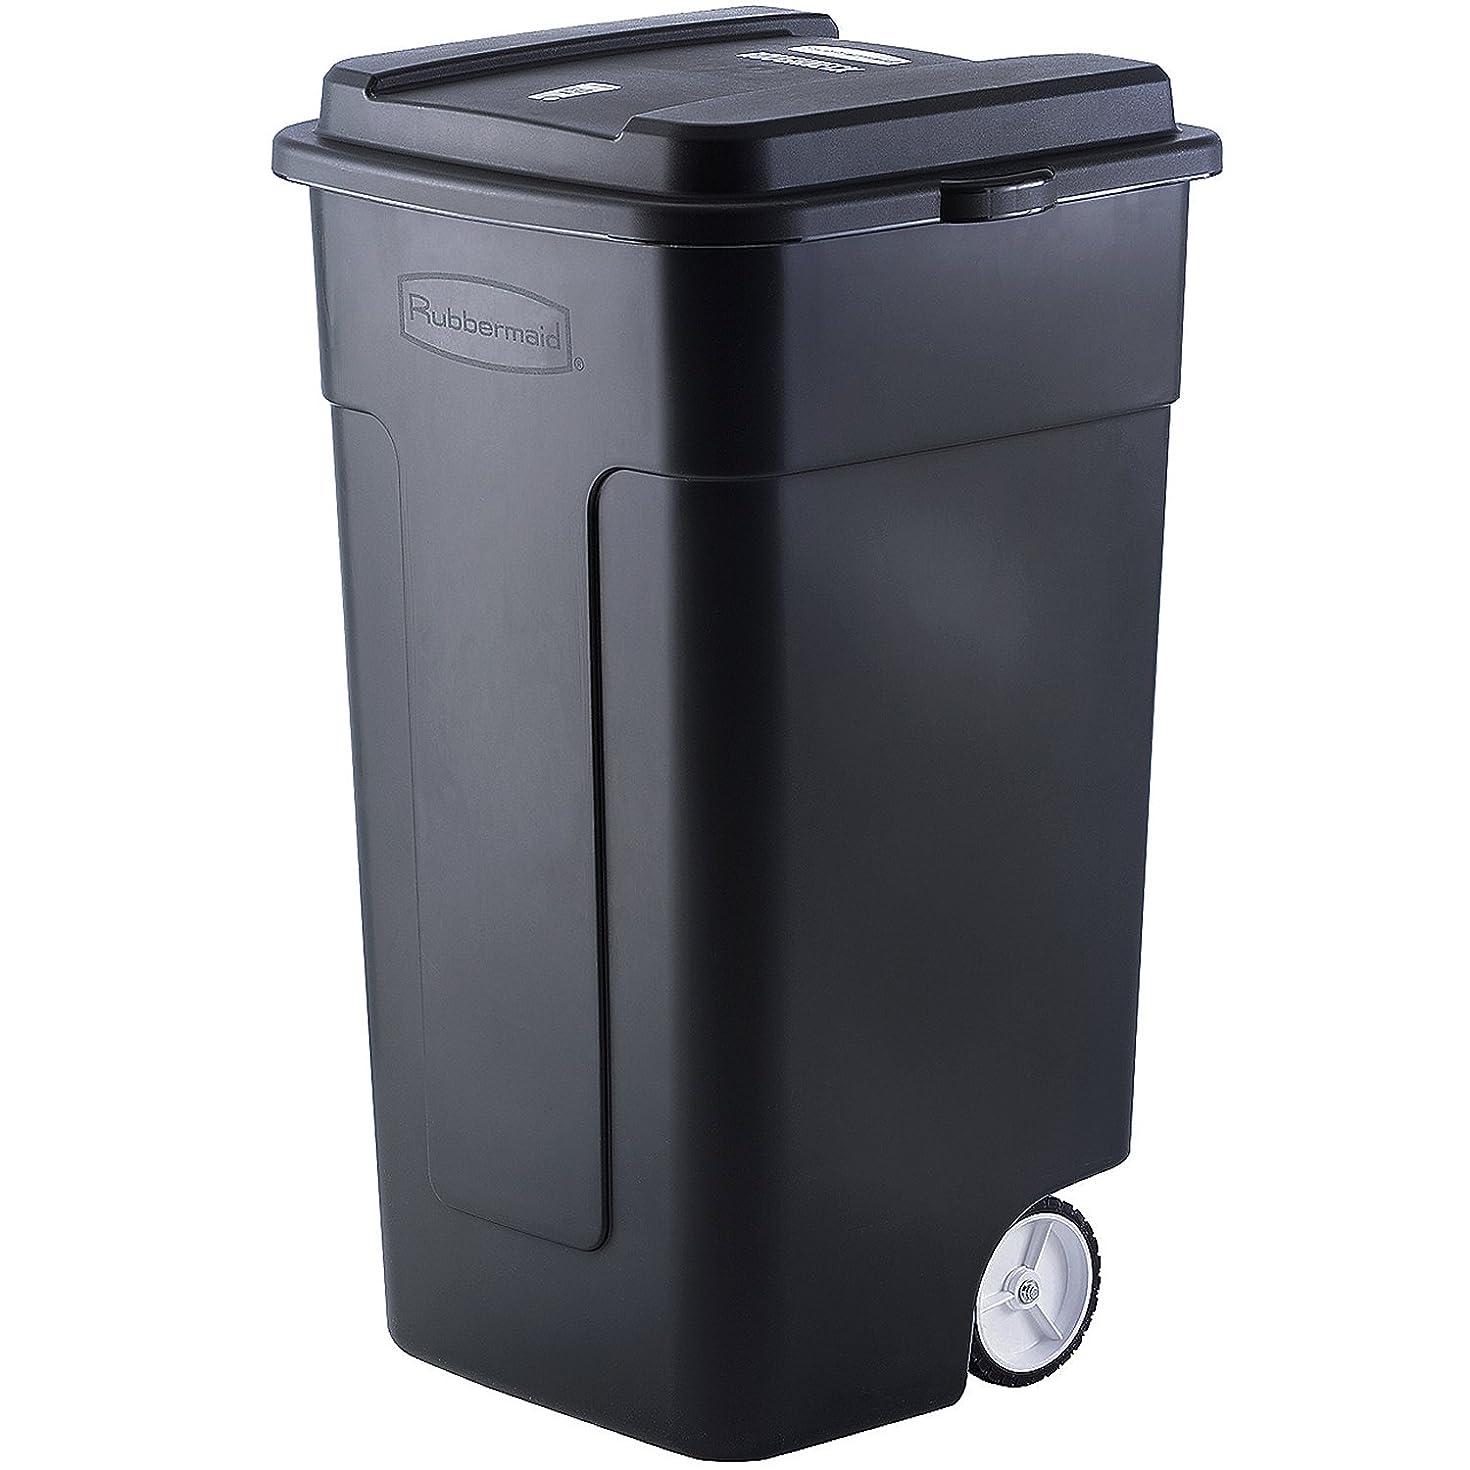 ジョージスティーブンソントリム万一に備えてラバーメイド(Rubbermaid) キャスター付き ゴミ箱 リフューズコンテナ 50ガロン (189L) ブラック FG285100BLA